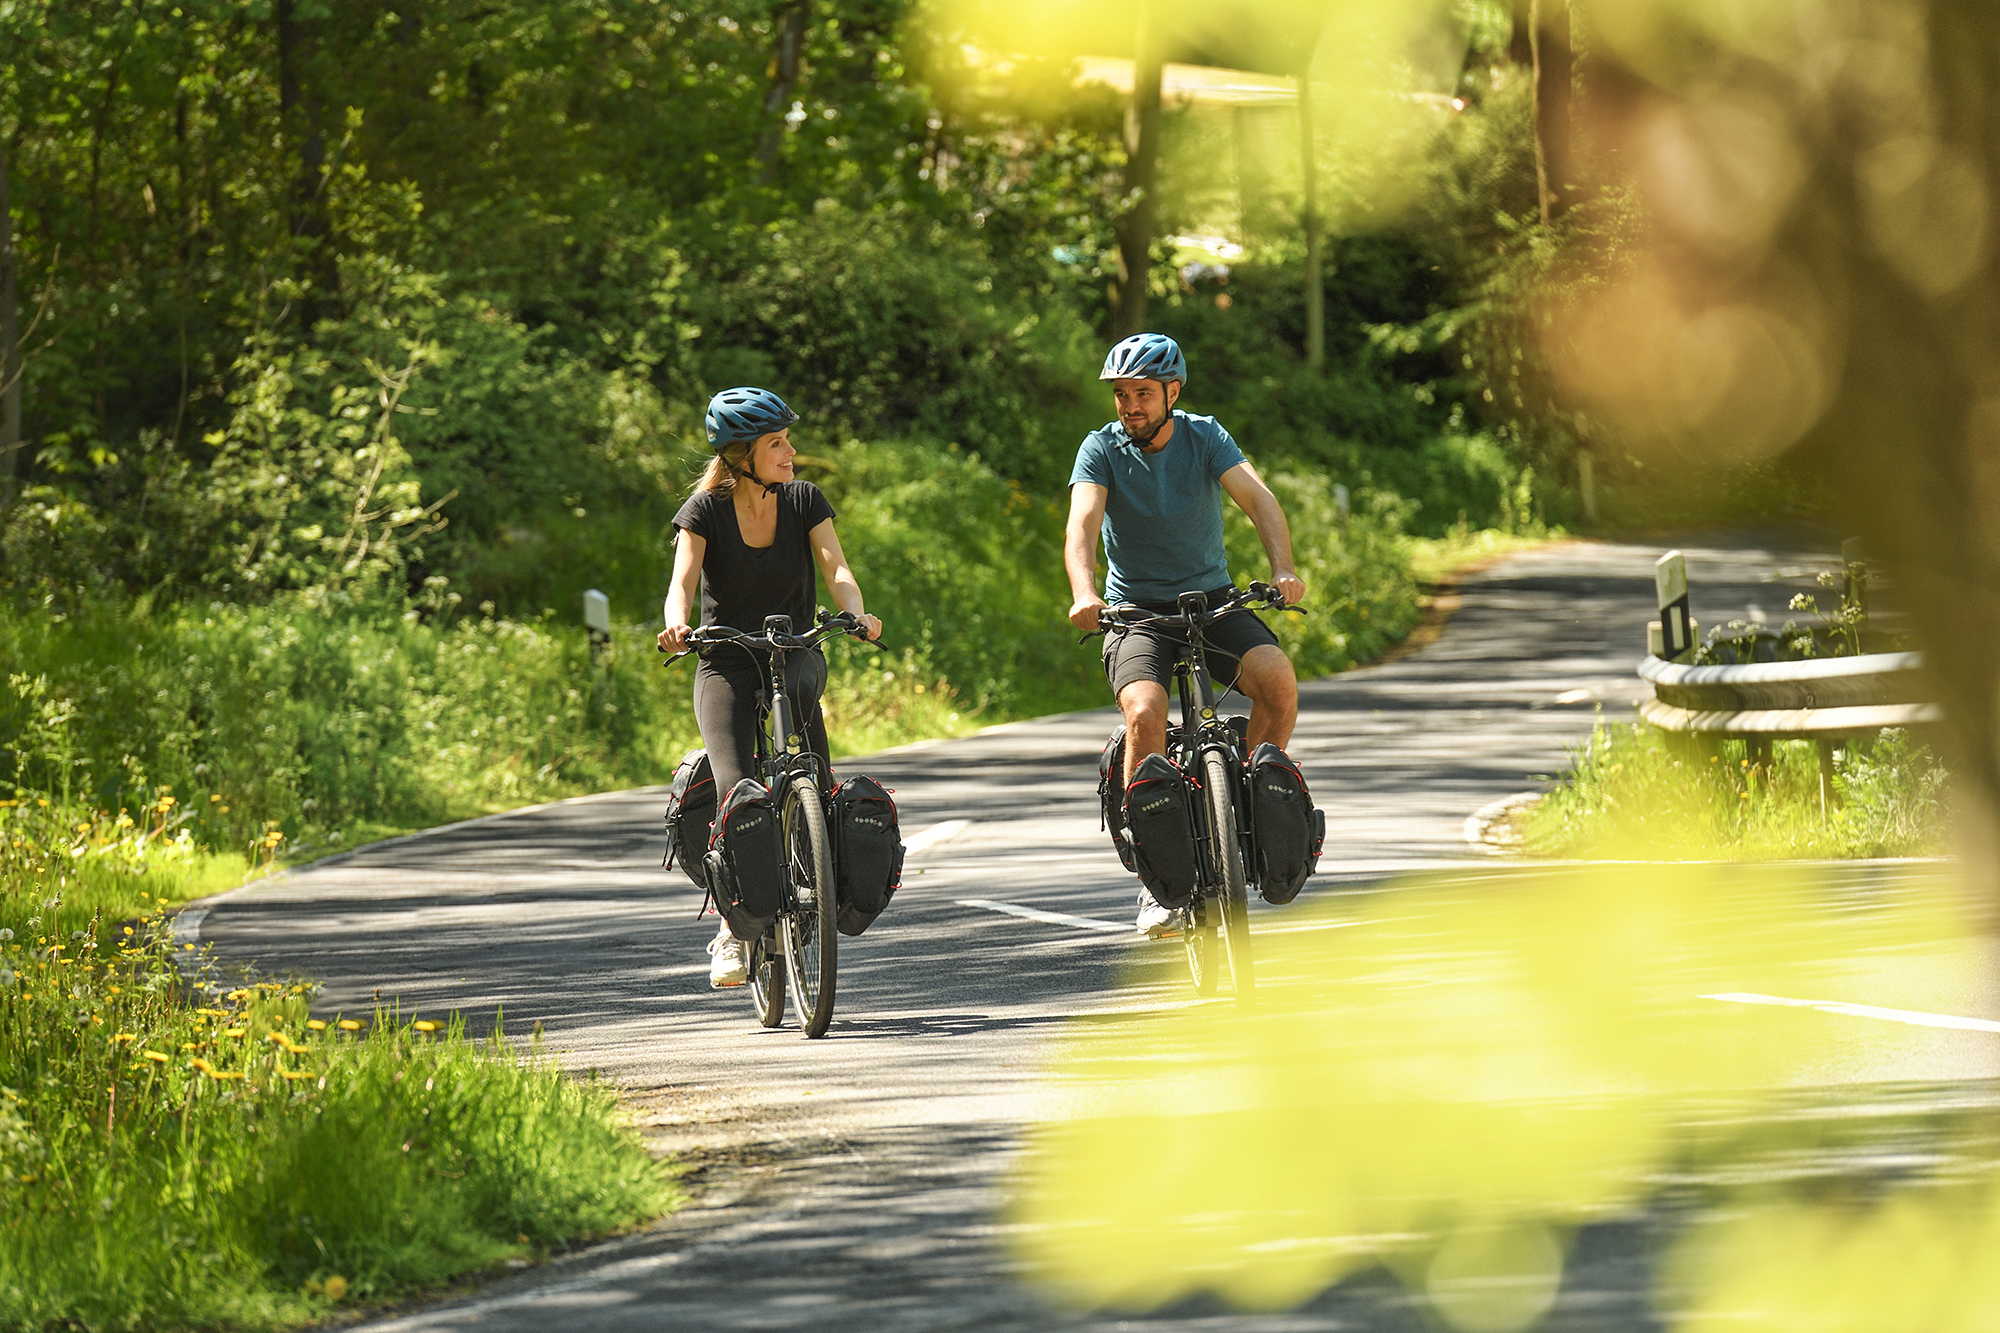 Das in den Niederlanden gegründete Unternehmen liefert E-Bikes direkt aus der Fabrik an den Kunden und bietet ein Qualitätsprodukt mit Service bis an die Haustür.